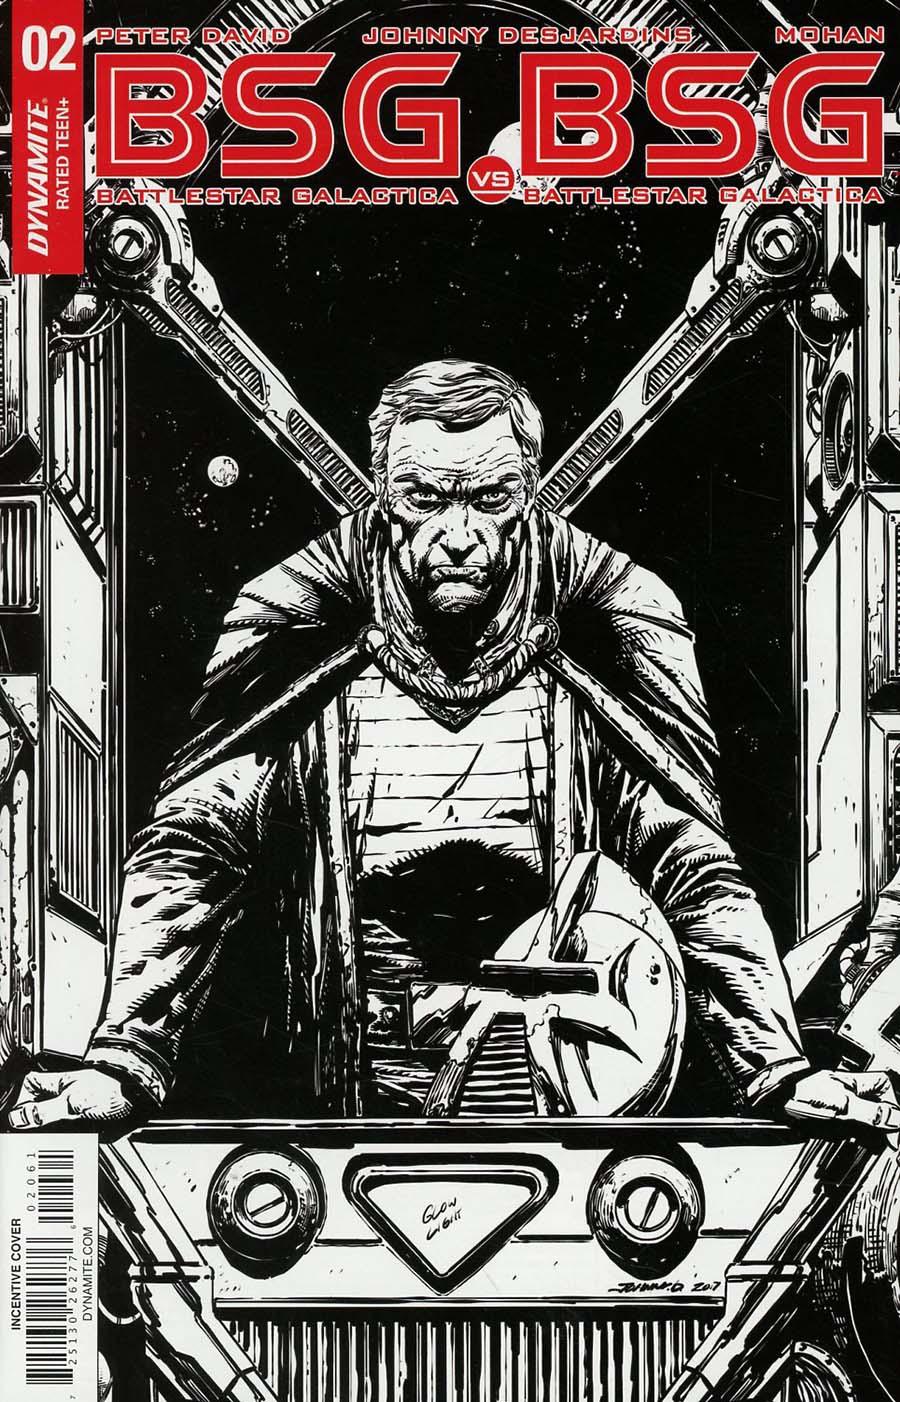 Battlestar Galactica vs Battlestar Galactica #2 Cover F Incentive Johnny Desjardins Black & White Cover